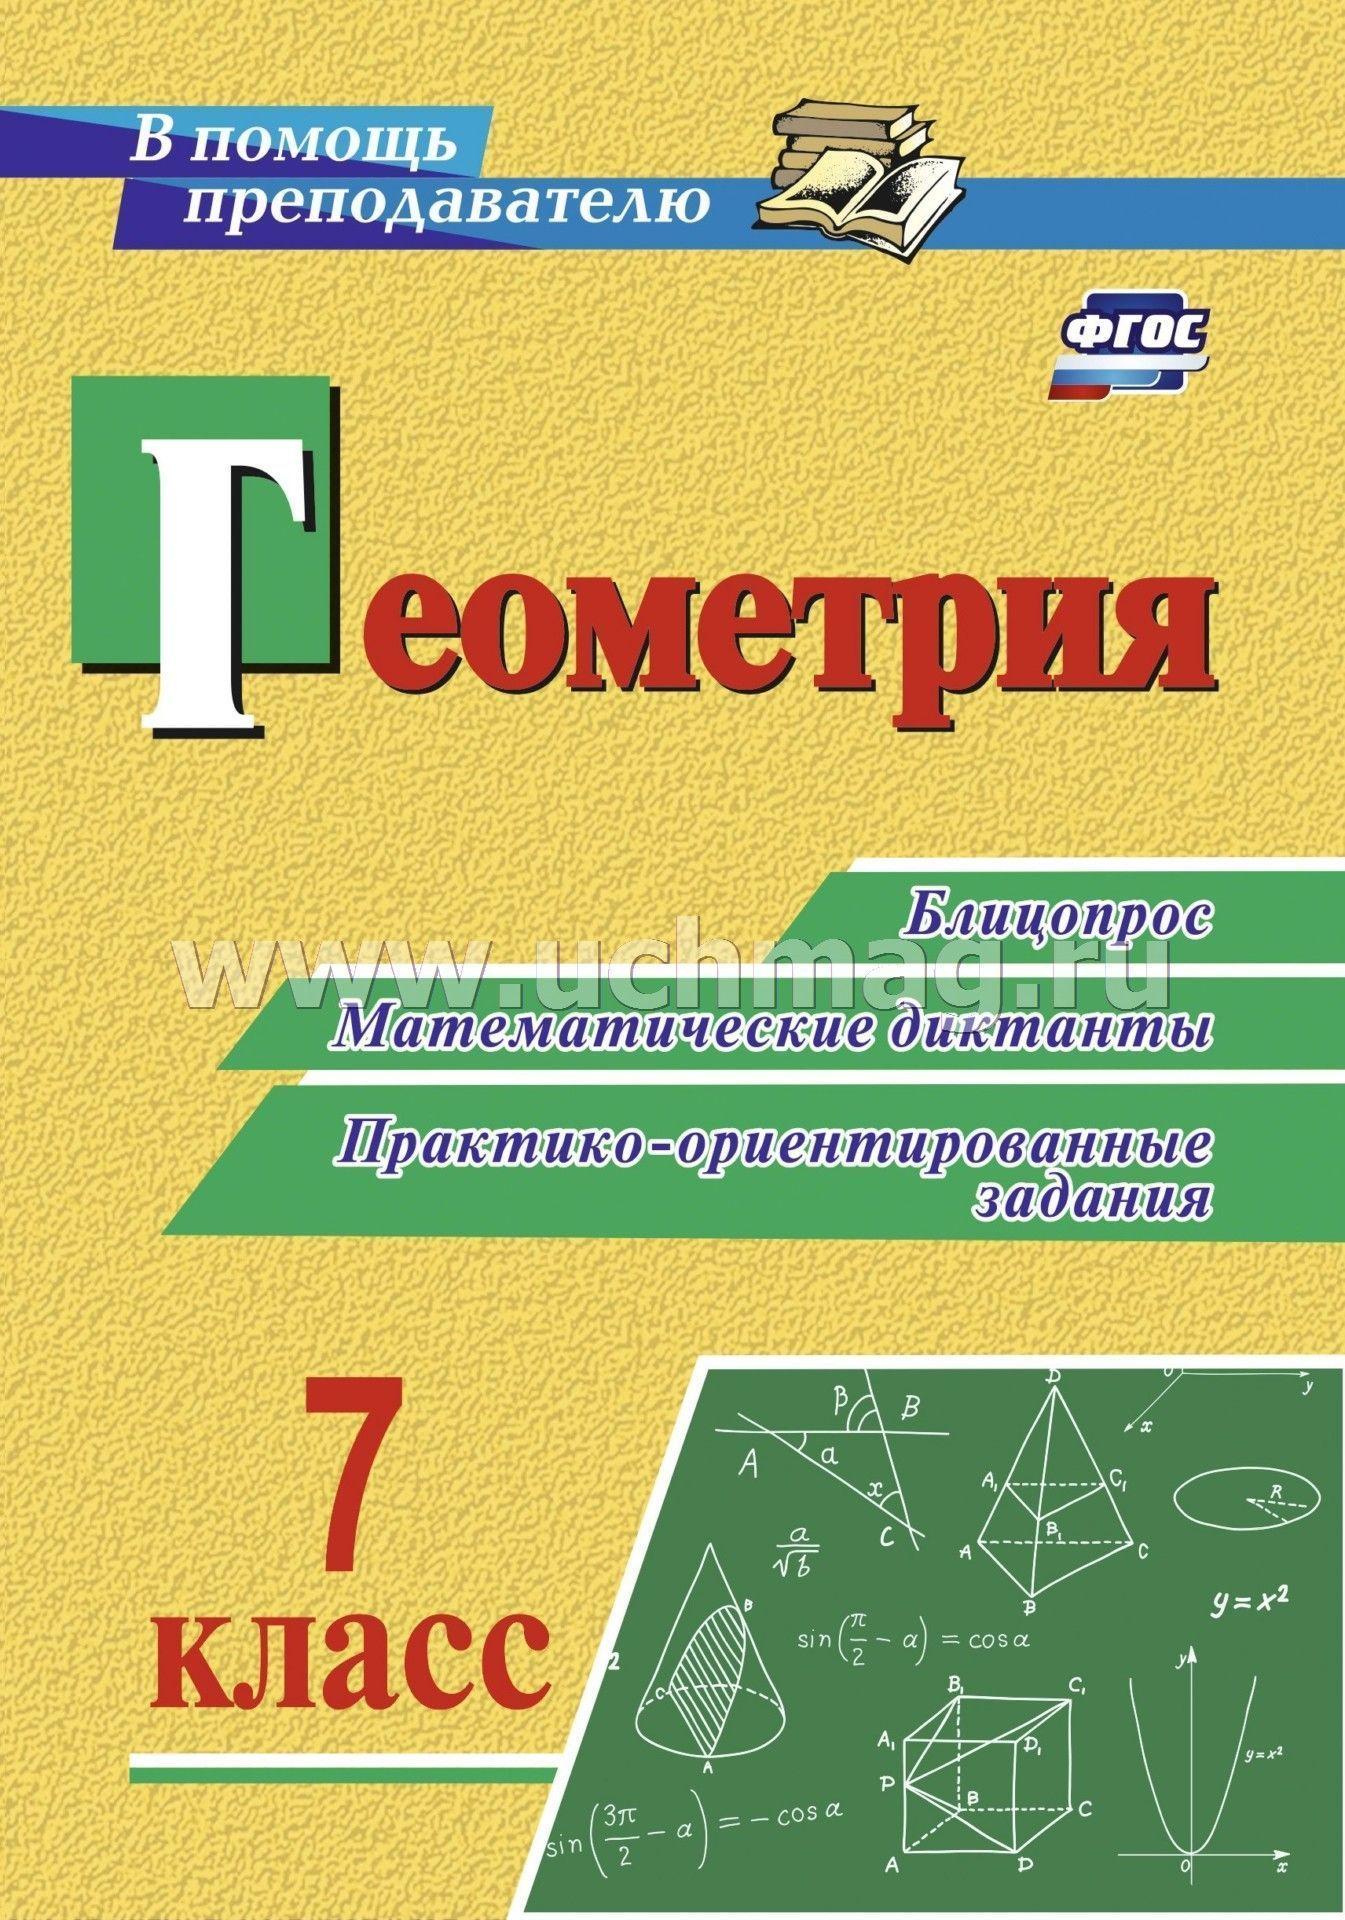 Опорные схемы по геометрии 7 класс